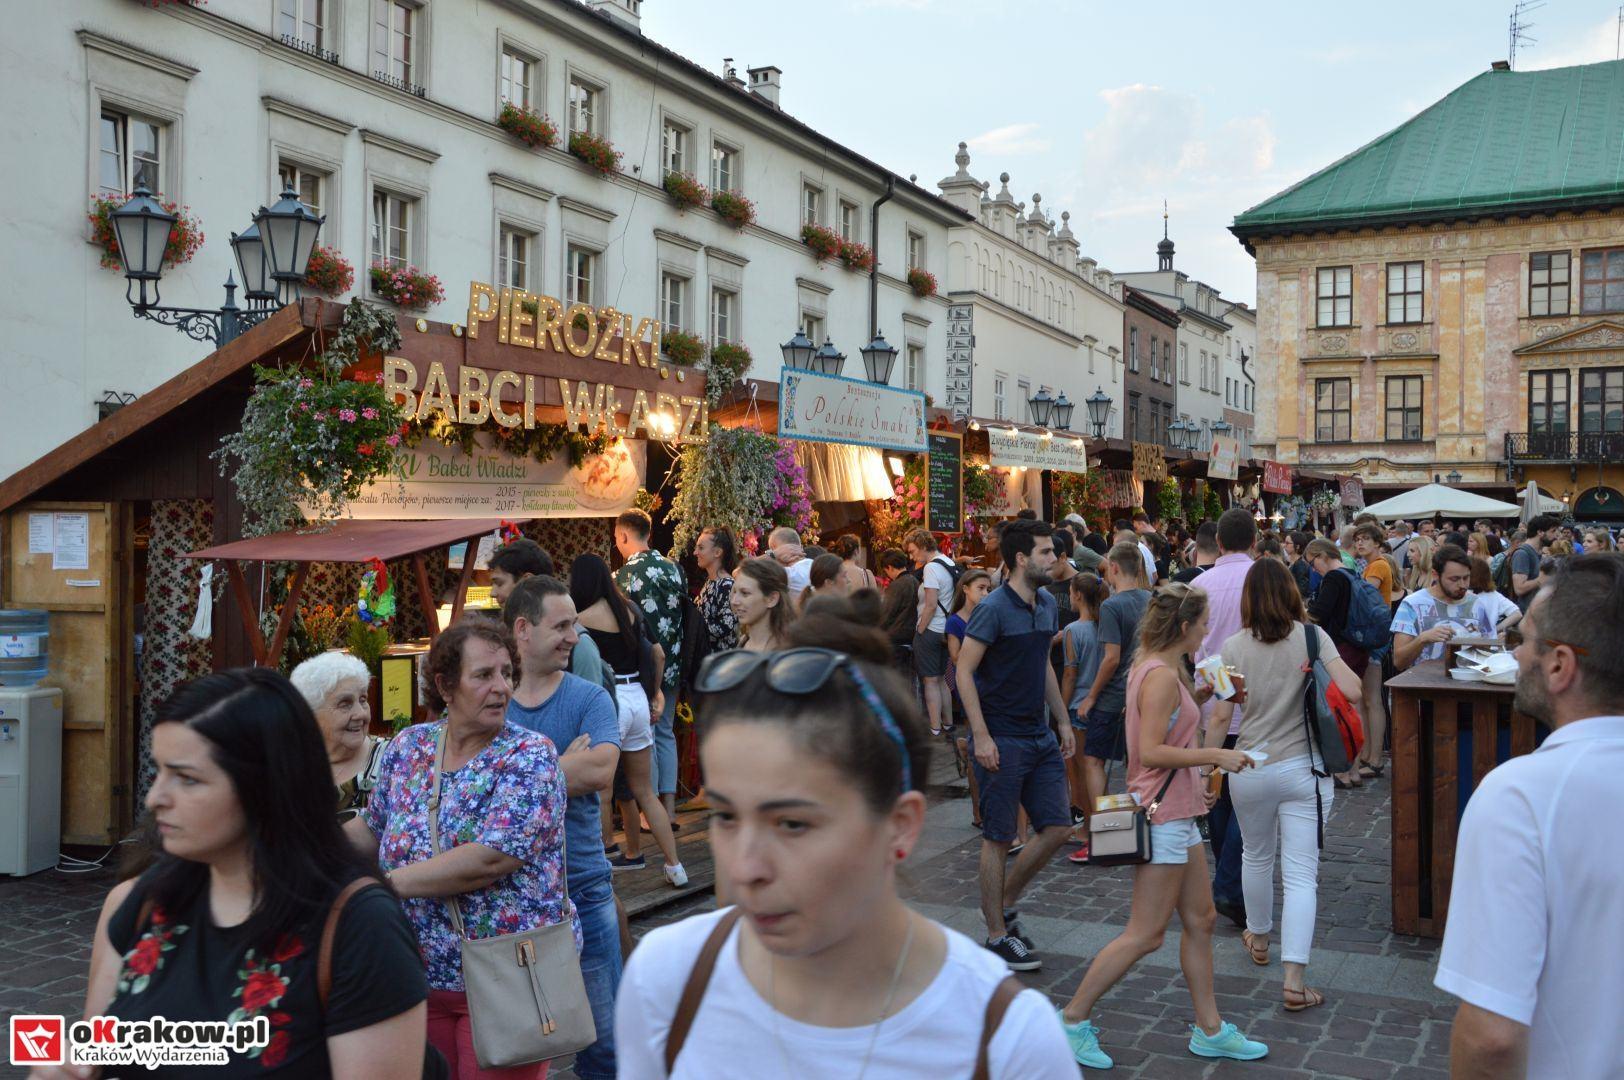 krakow festiwal pierogow maly rynek koncert cheap tobacco 135 150x150 - Galeria zdjęć Festiwal Pierogów Kraków 2018 + zdjęcia z koncertu Cheap Tobacco